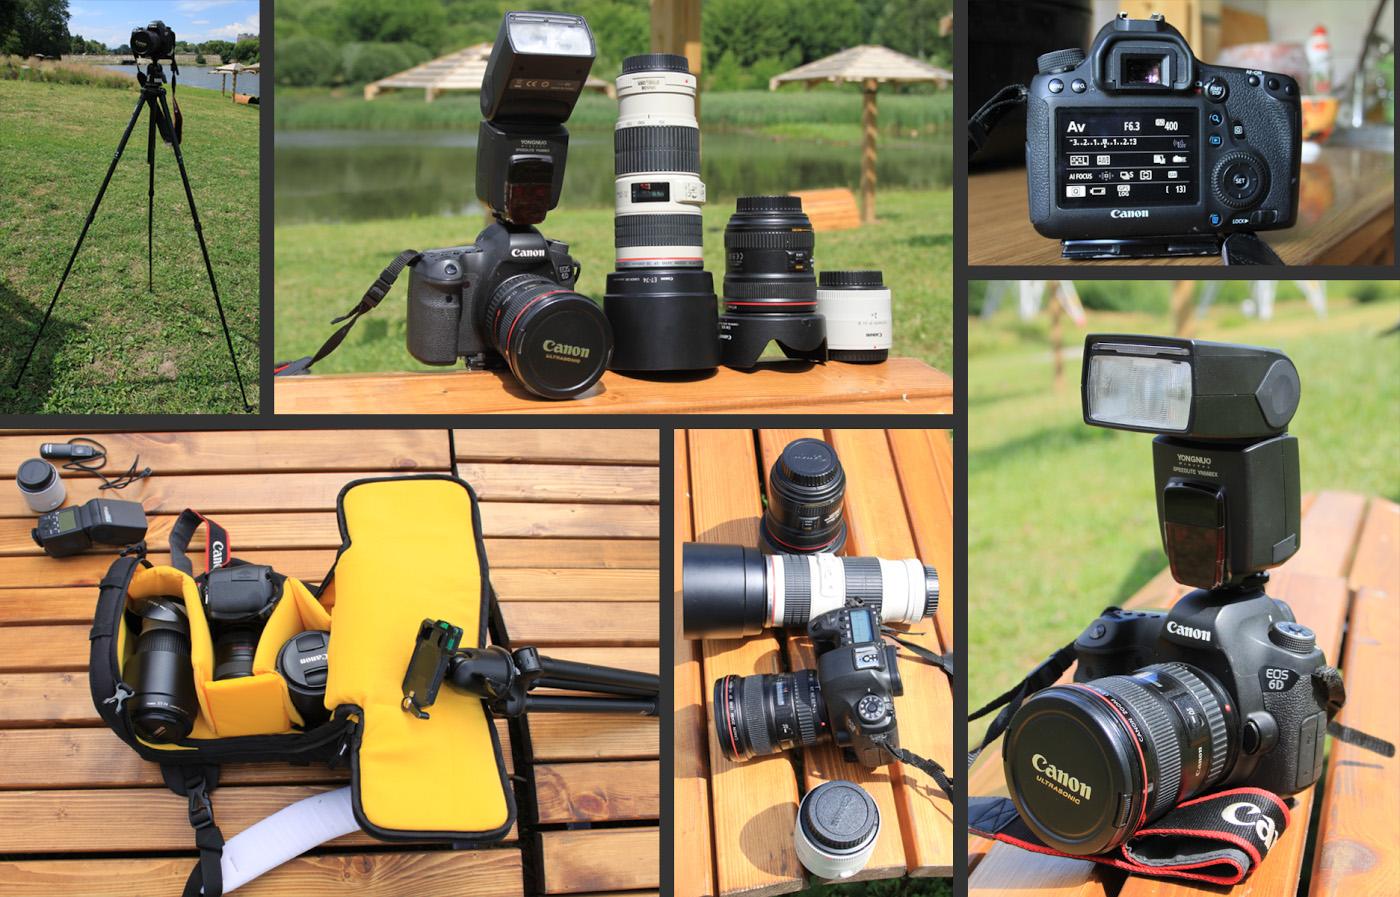 Фото 21. Какой объектив выбрать для полнокадровой камеры Canon EOS 5D или EOS 6D. Так выглядит набор из трех полусветосильных зумов Canon 17-40mm f/4, Canon 24-70mm f/4 и Canon 70-200mm f/4. Михаил еще приобрел экстендер Canon EF 2x III, штатив Velbon Ultra Luxi-L с головой Velbon QHD-730. Все это складывается в фоторюкзак Kata 3N1-22 DL.